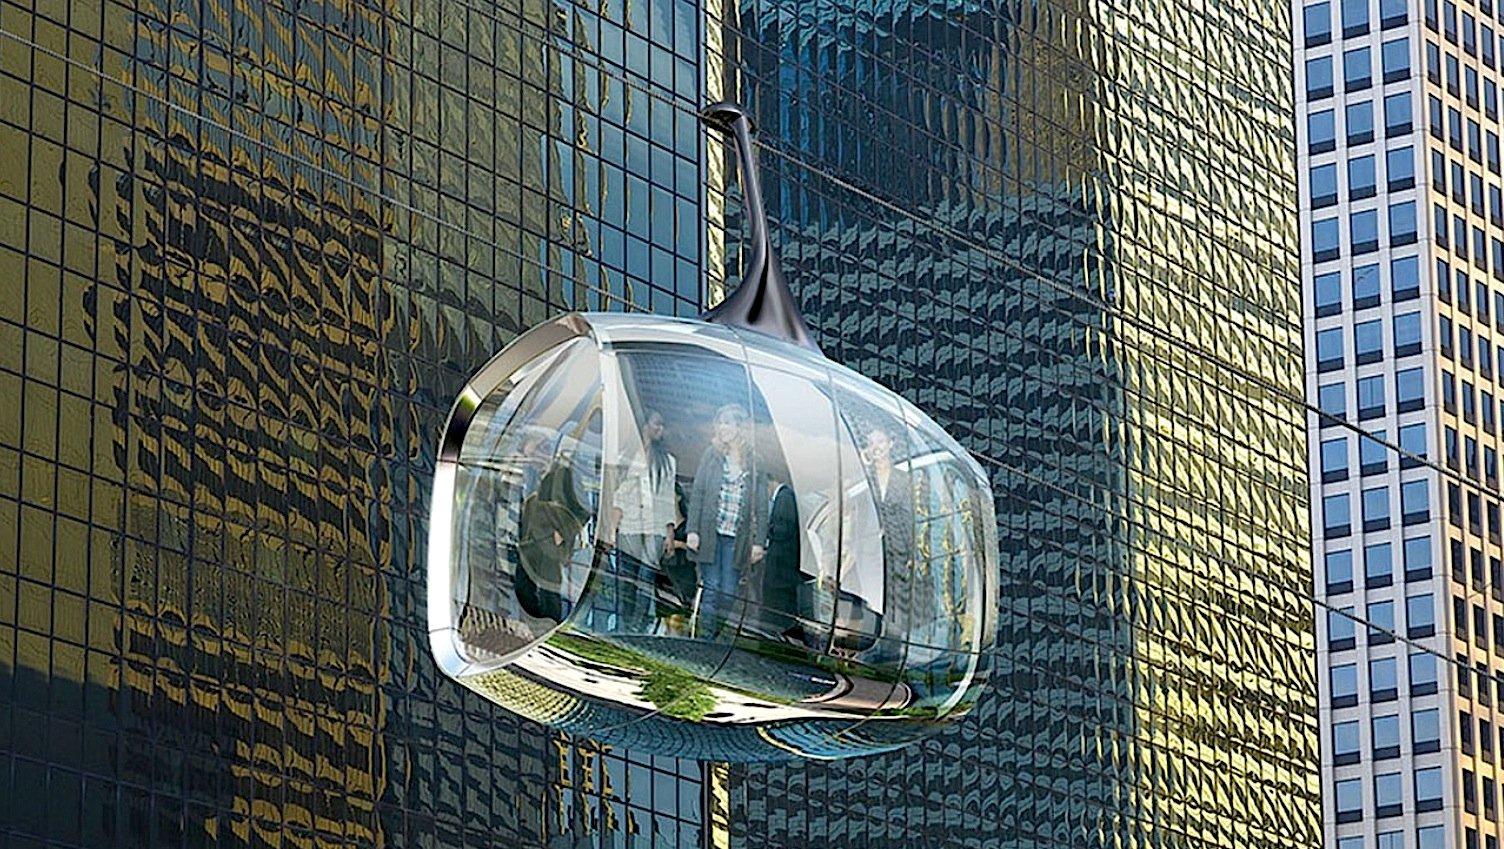 Die futuristischen Gondeln der Seilbahn Chicago sollen transparent sein, damit die Fahrgäste in alle Richtungen hinausschauen können.